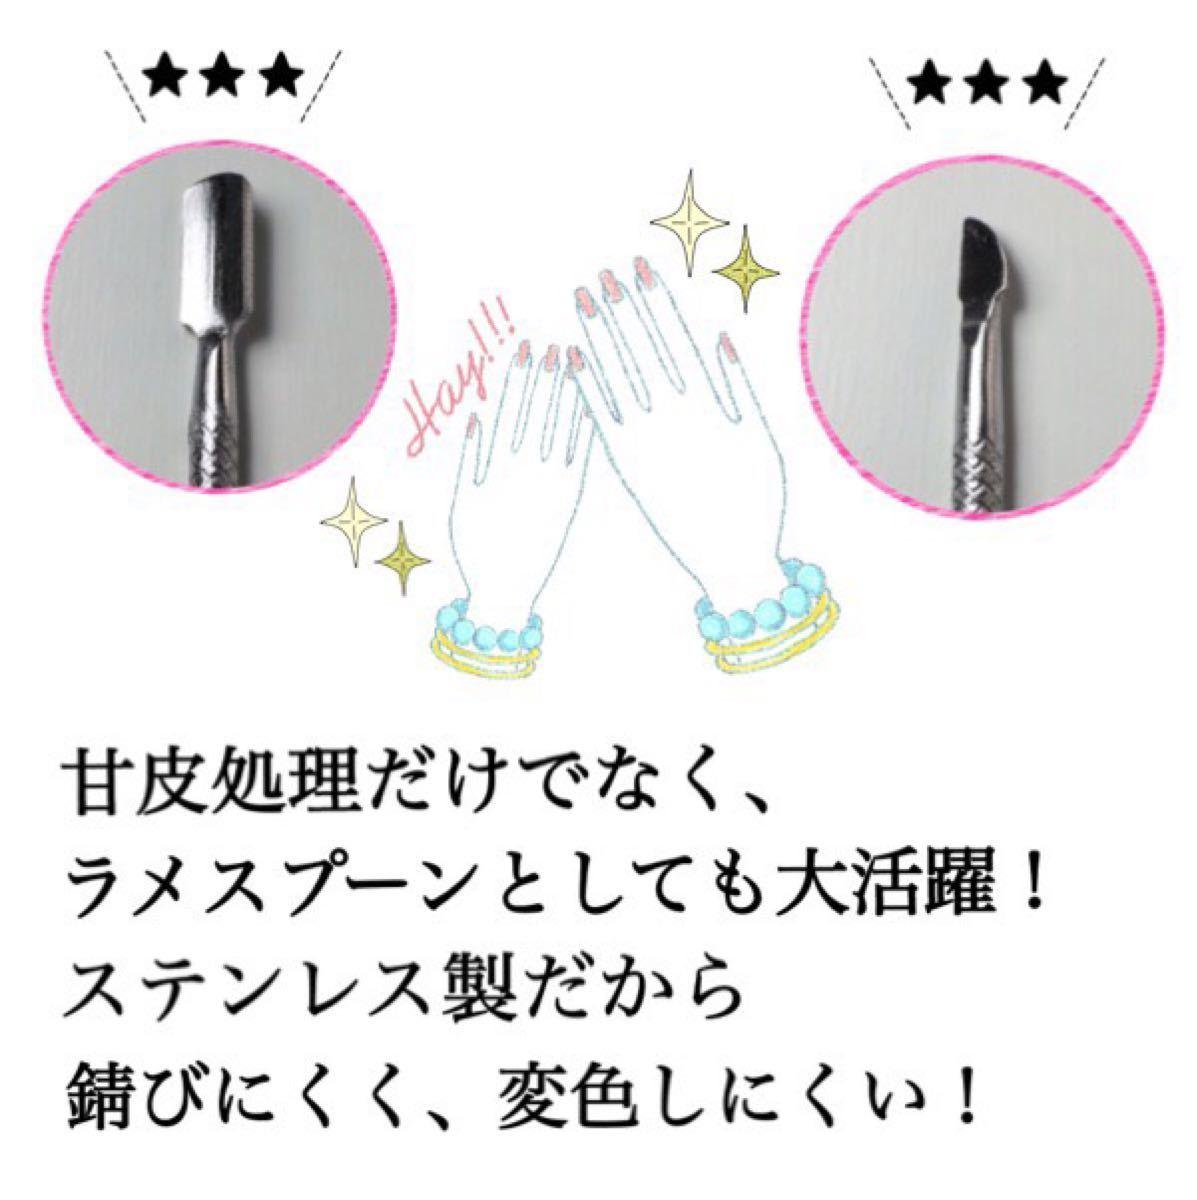 甘皮処理 ラメスプーン メタルプッシャー 美爪 ネイルケア 即購入大歓迎 キューティクルプッシャー ジェルネイル